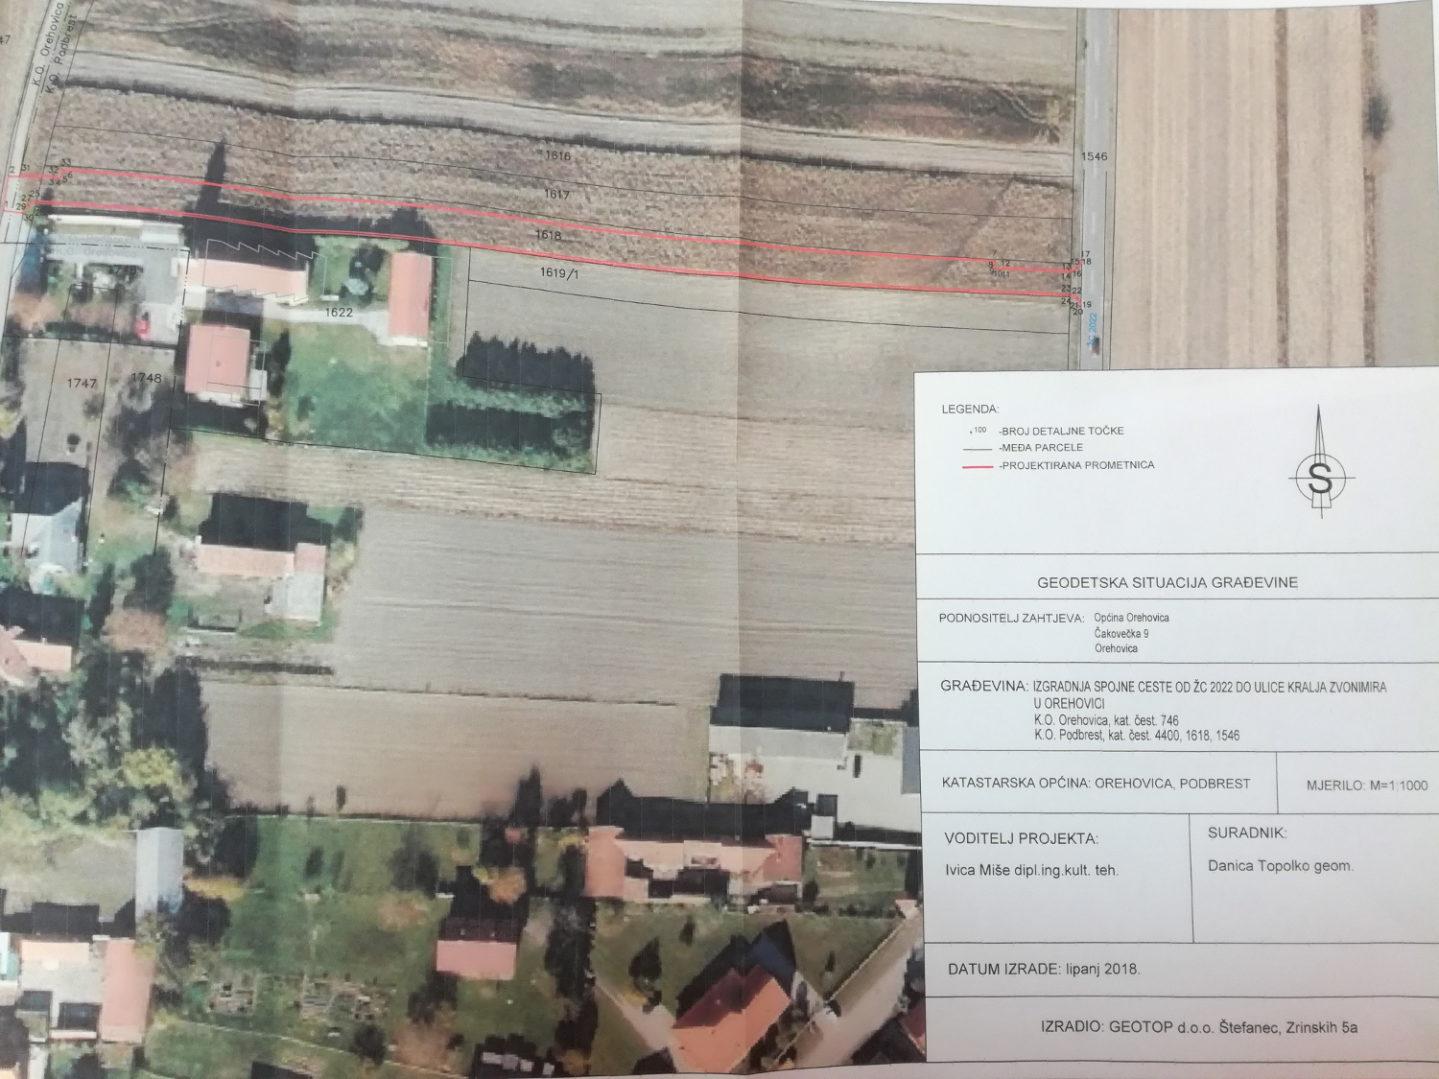 U Orehovici će se graditi spojna cesta od ŽC 2022 do Ulice kralja Zvonimira i parkiralište